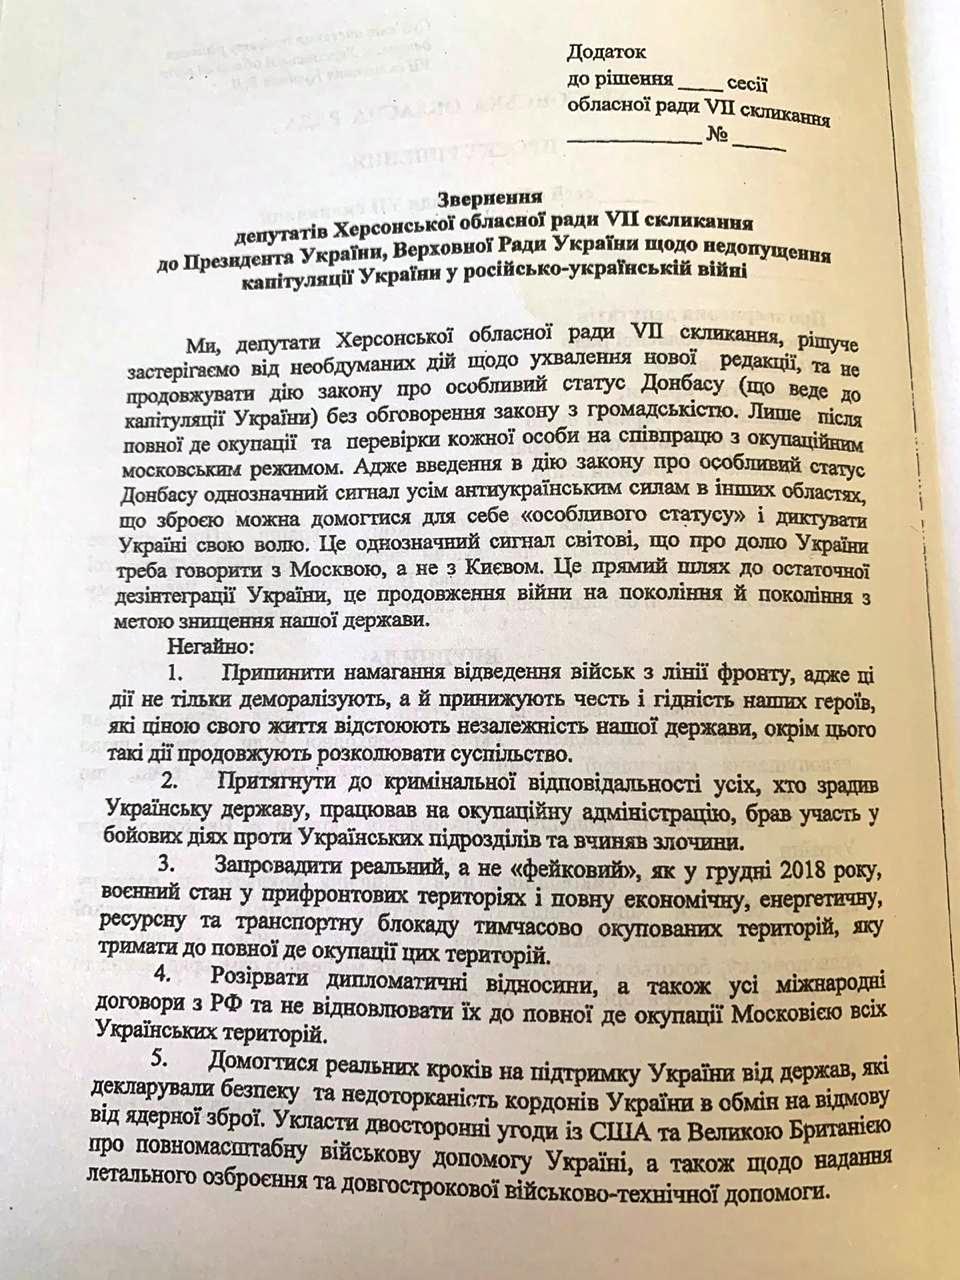 В Херсоне депутаты отказались осудить формулу Штайнмайера – текст обращения